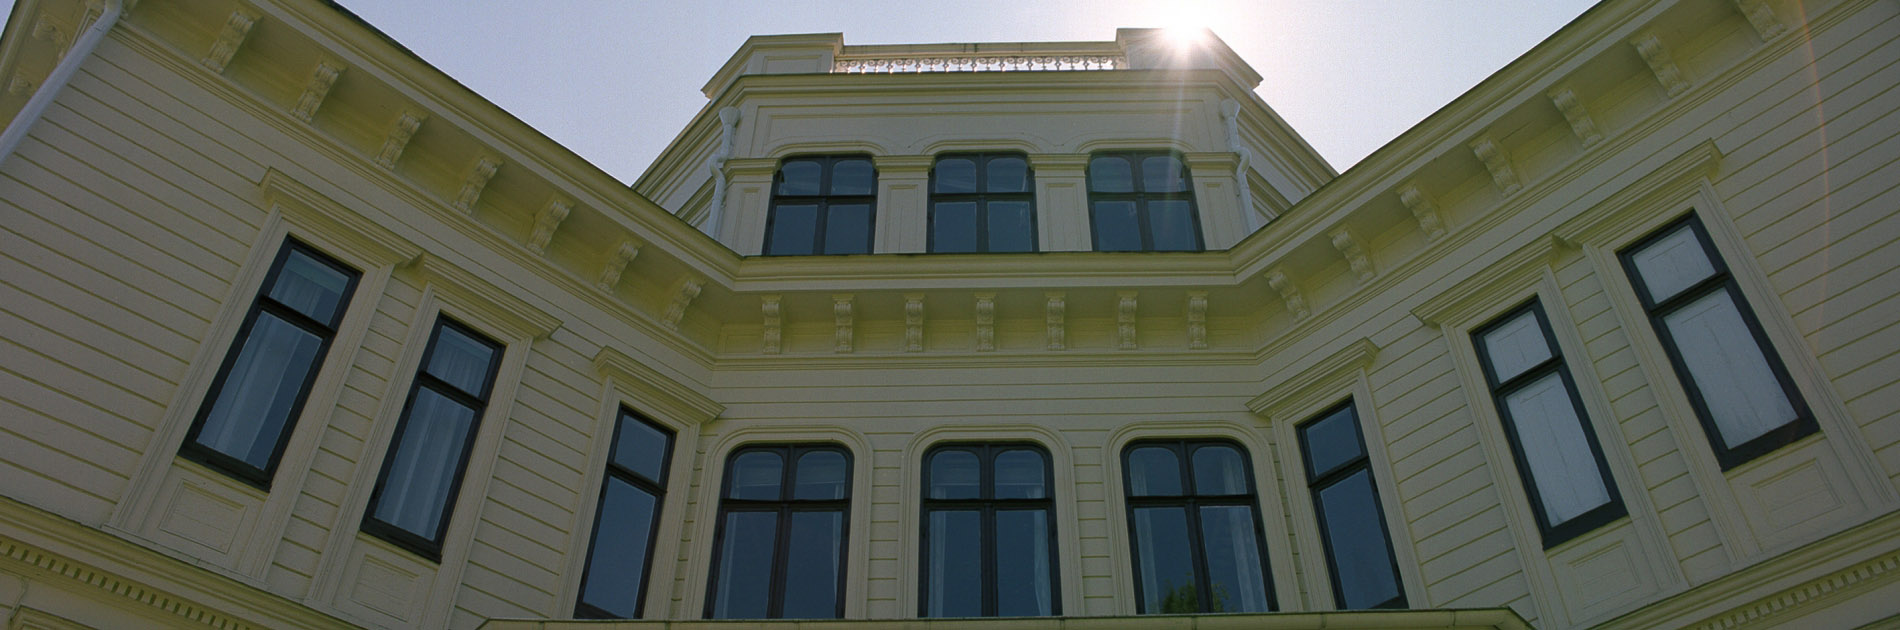 Solen lyser på Billdals Gårds fasad.